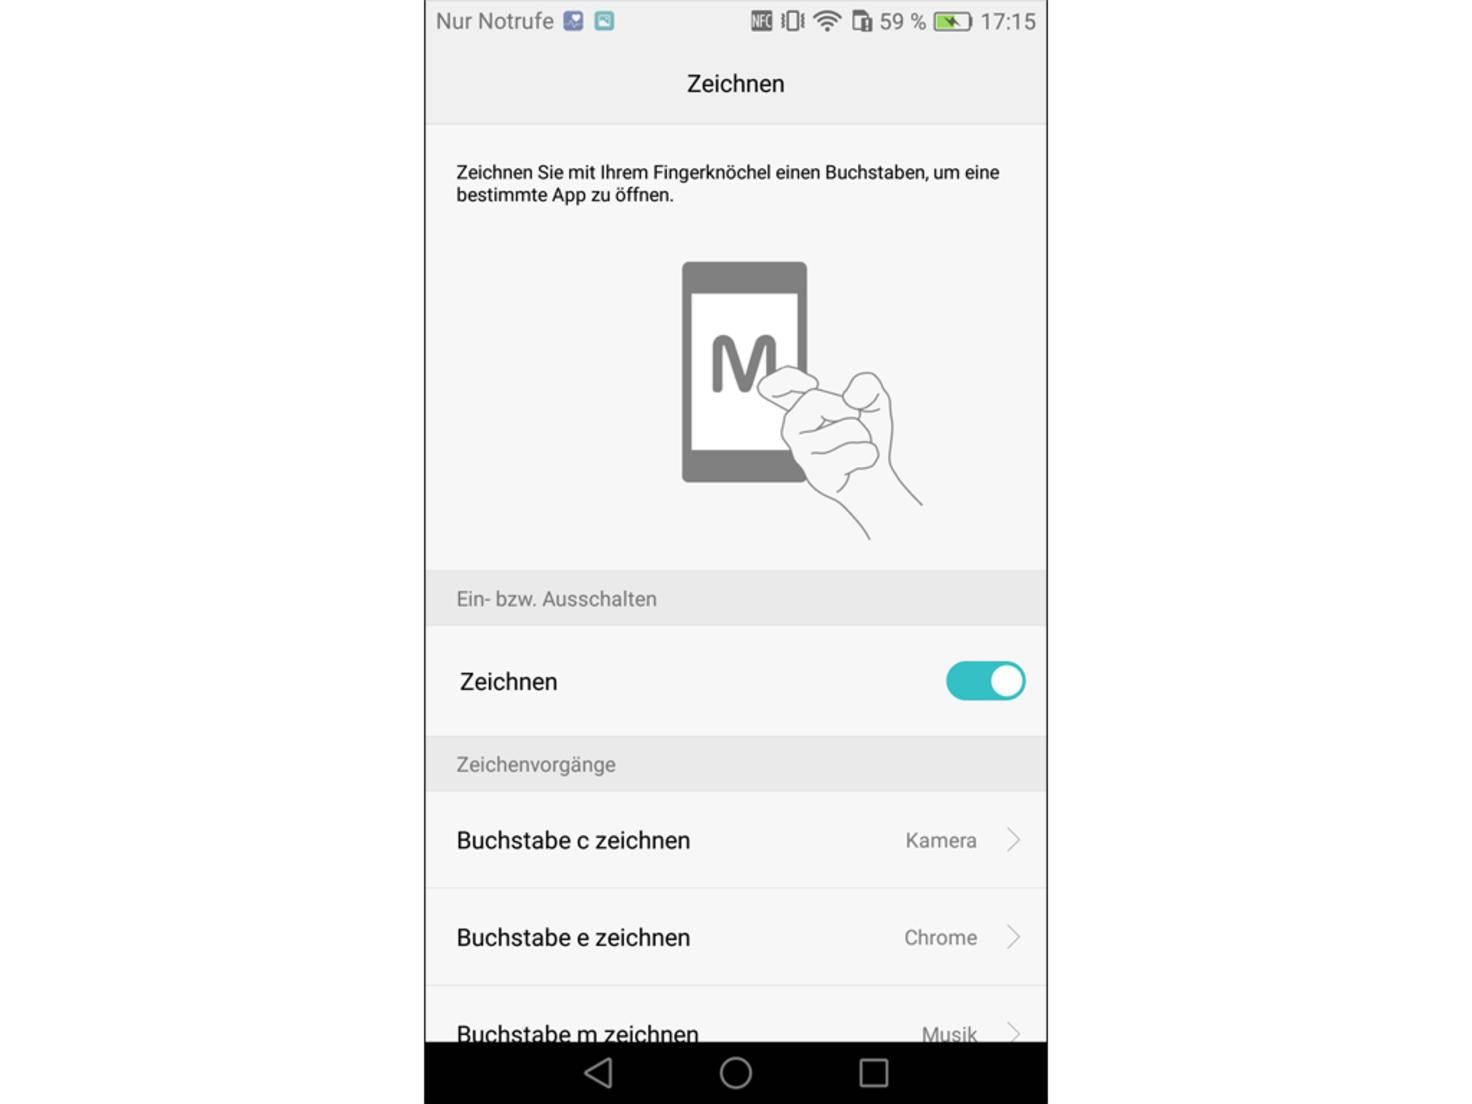 Huawei P9 Screenshot 12